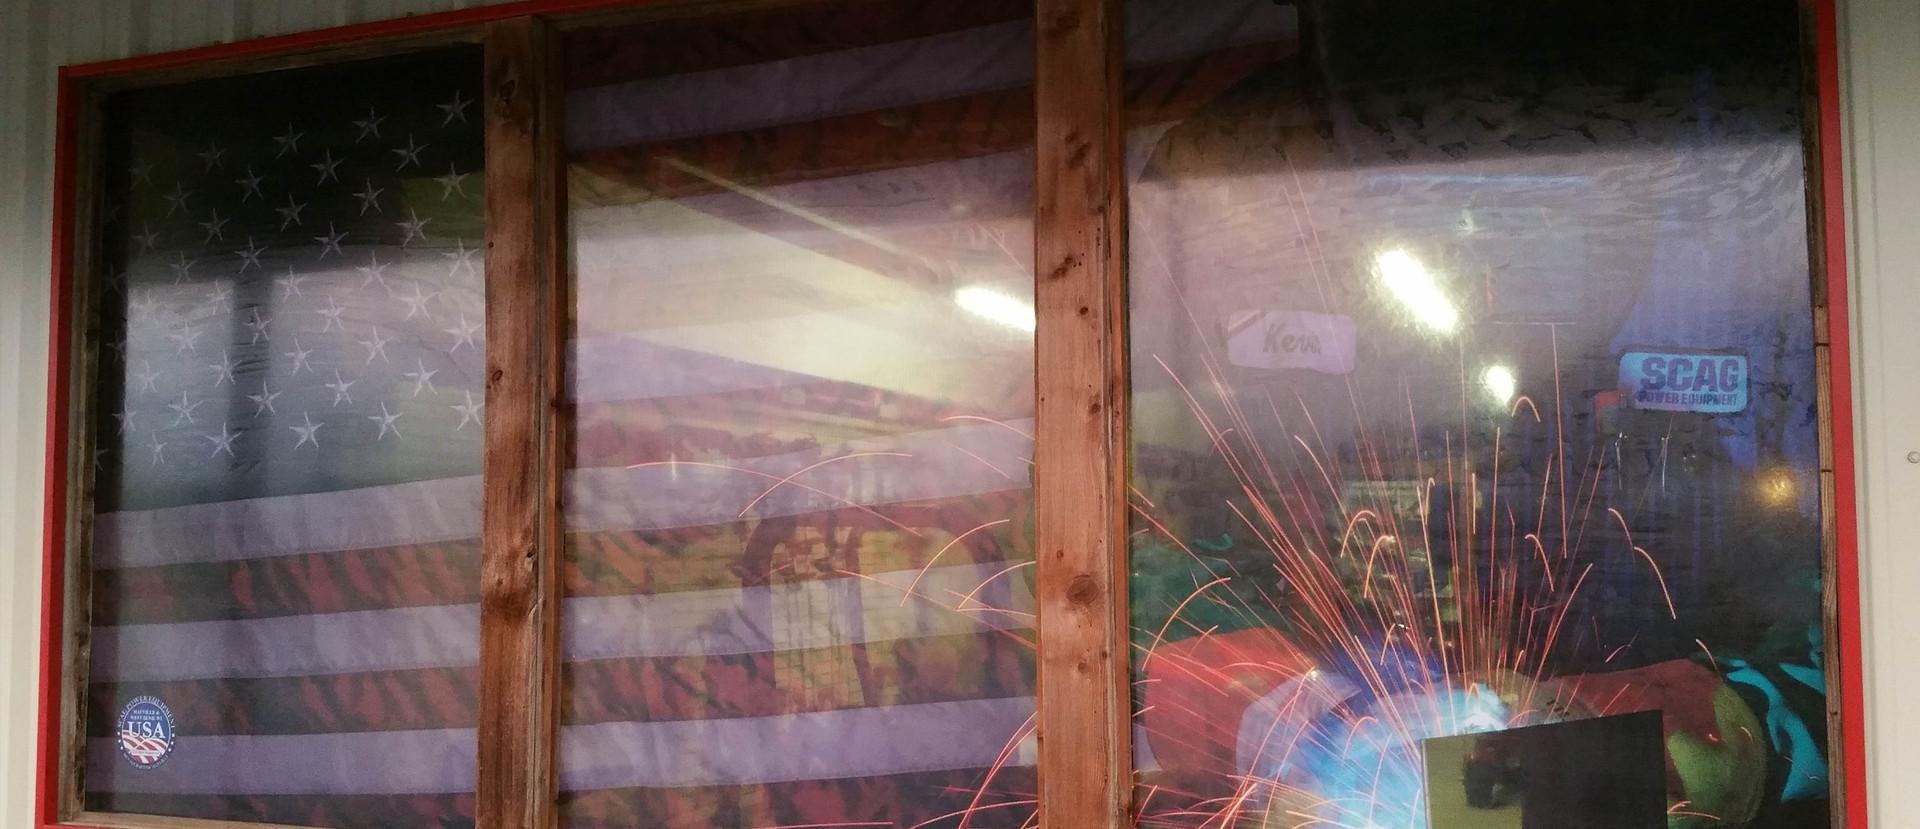 Scag Window Perf.jpg